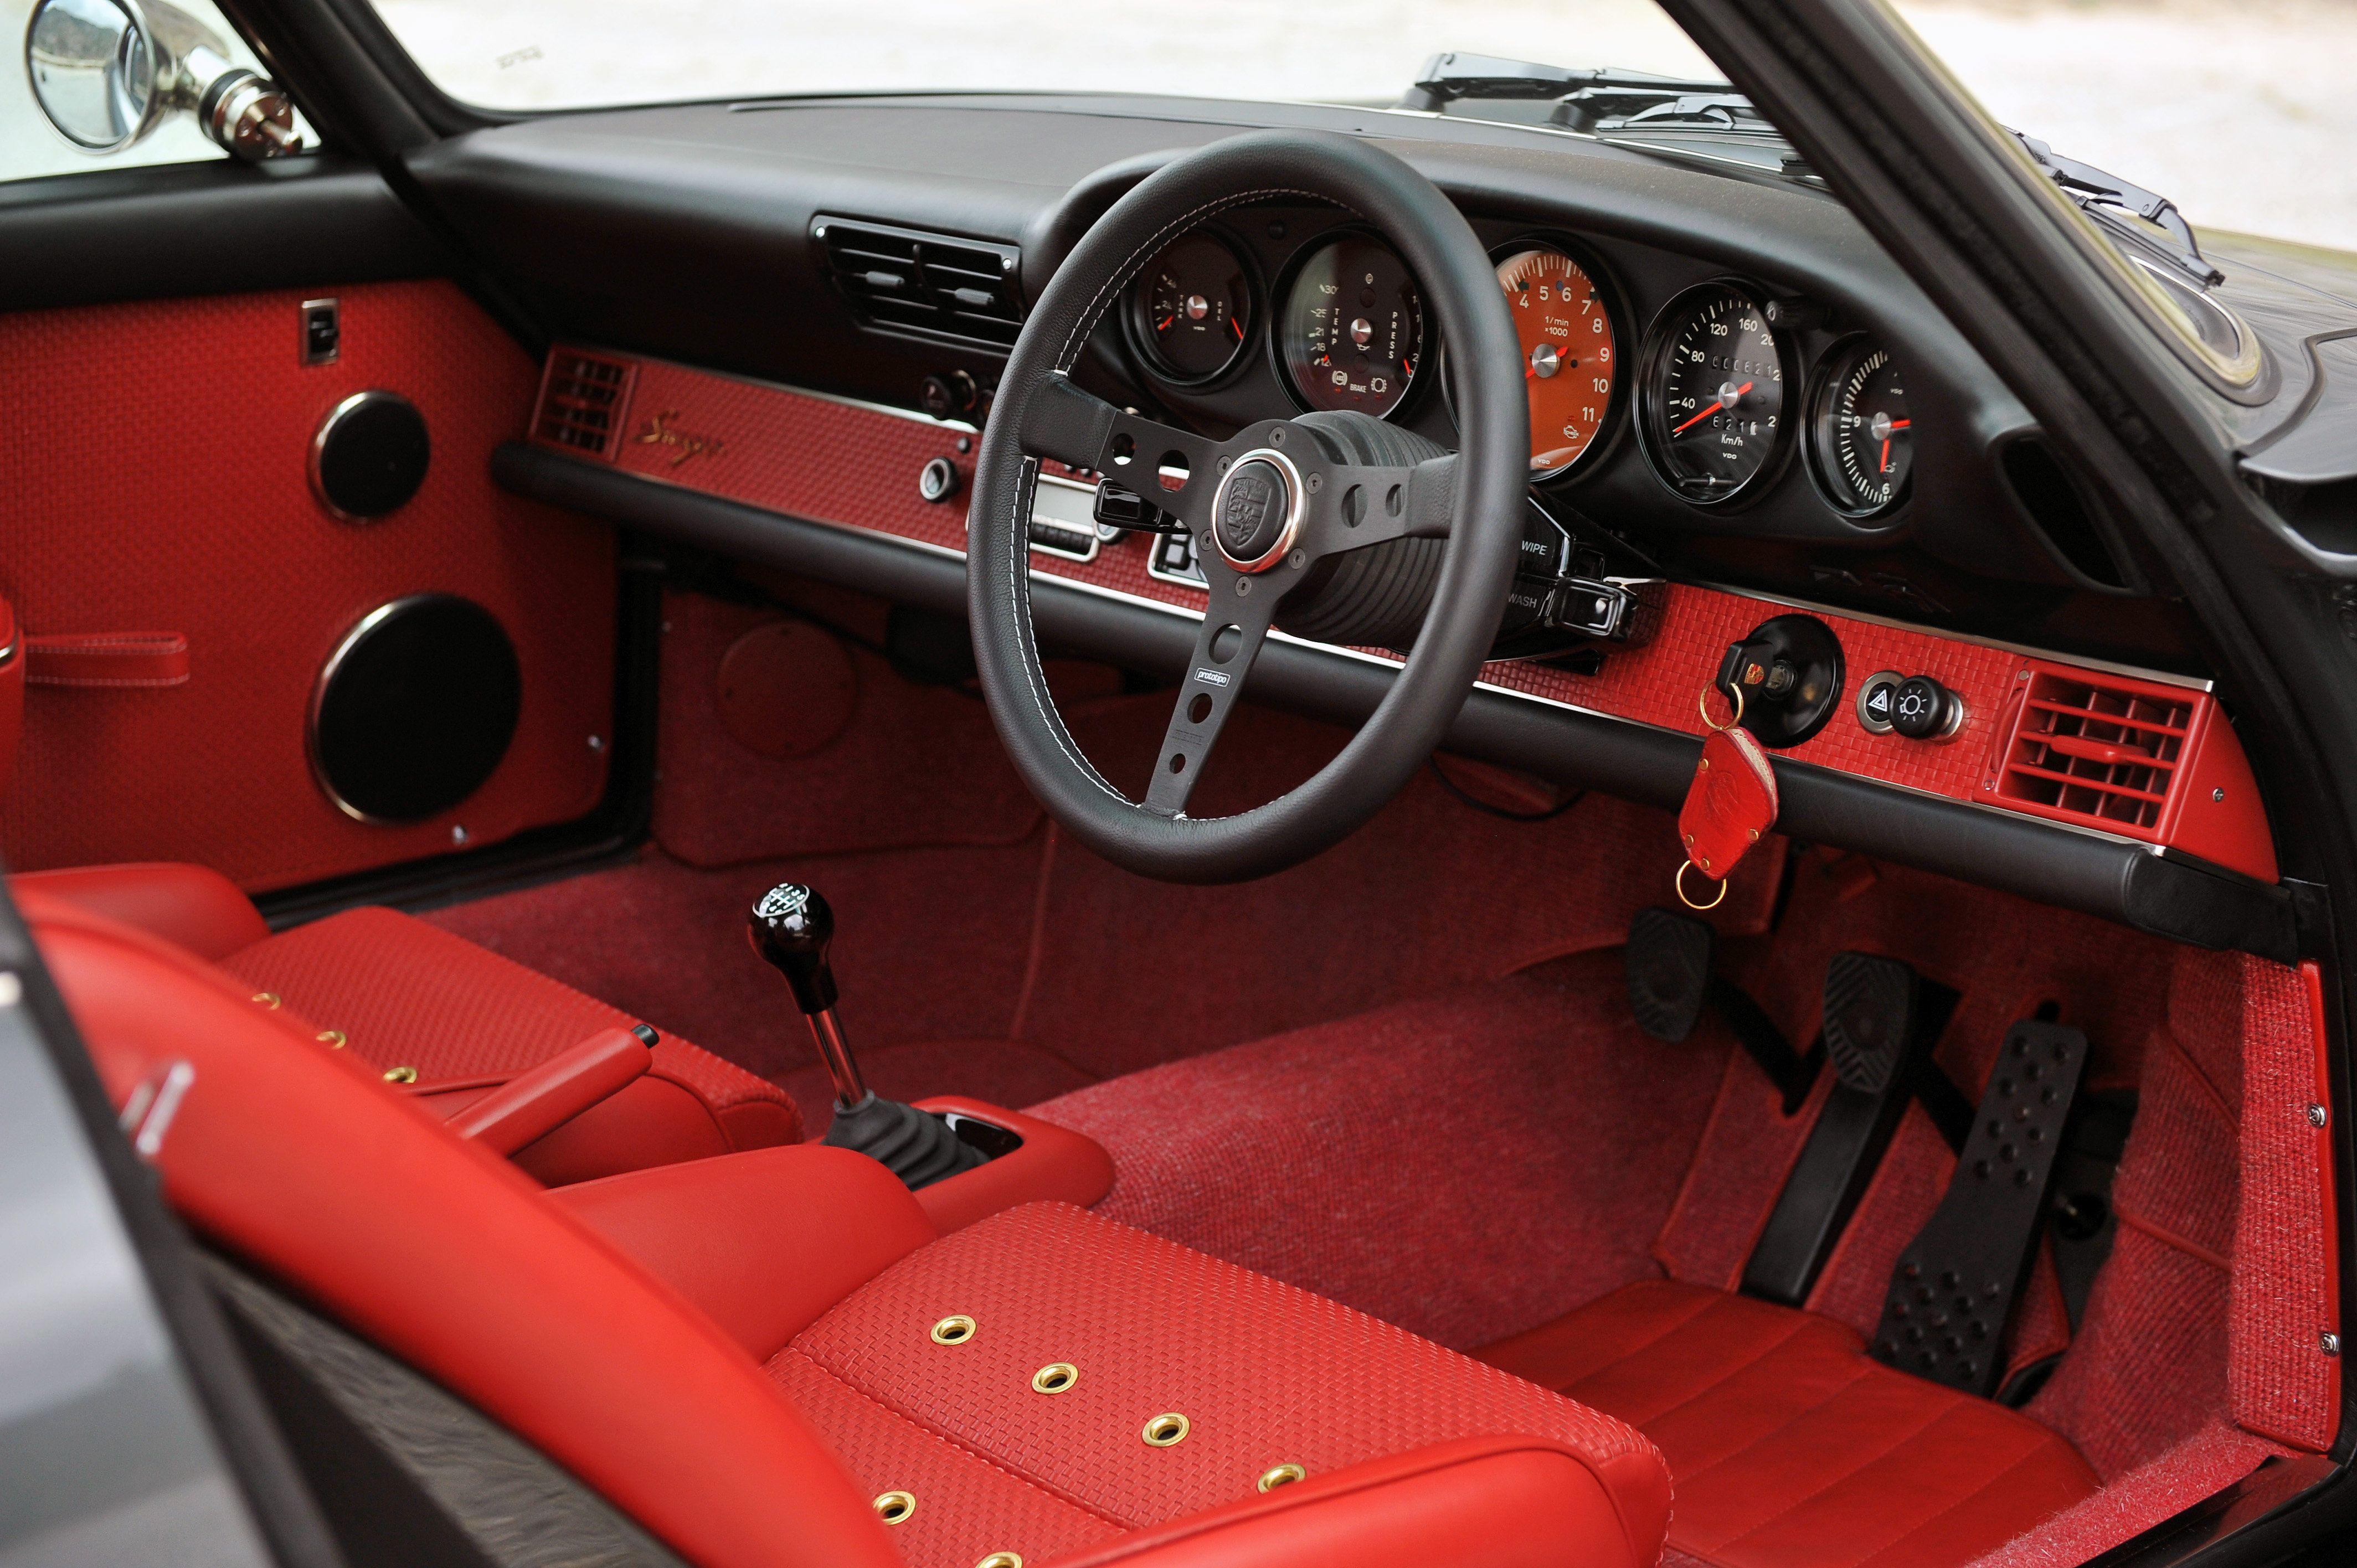 Porsche 911 Singer, red interior  #porsche #911 #singer